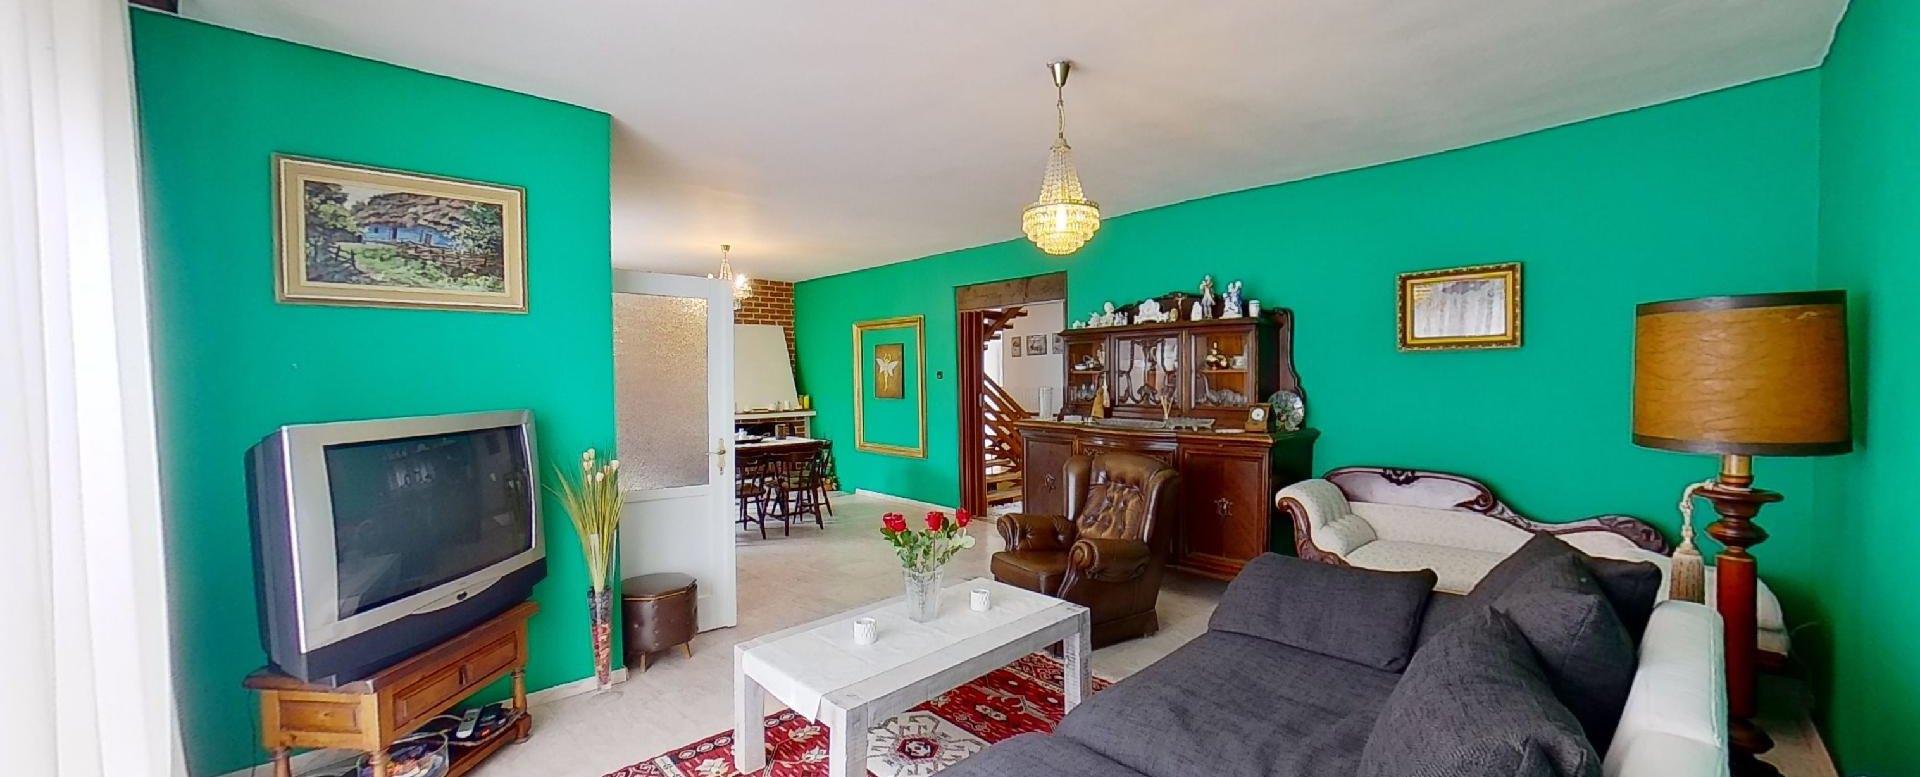 obávycia izba a nábytok